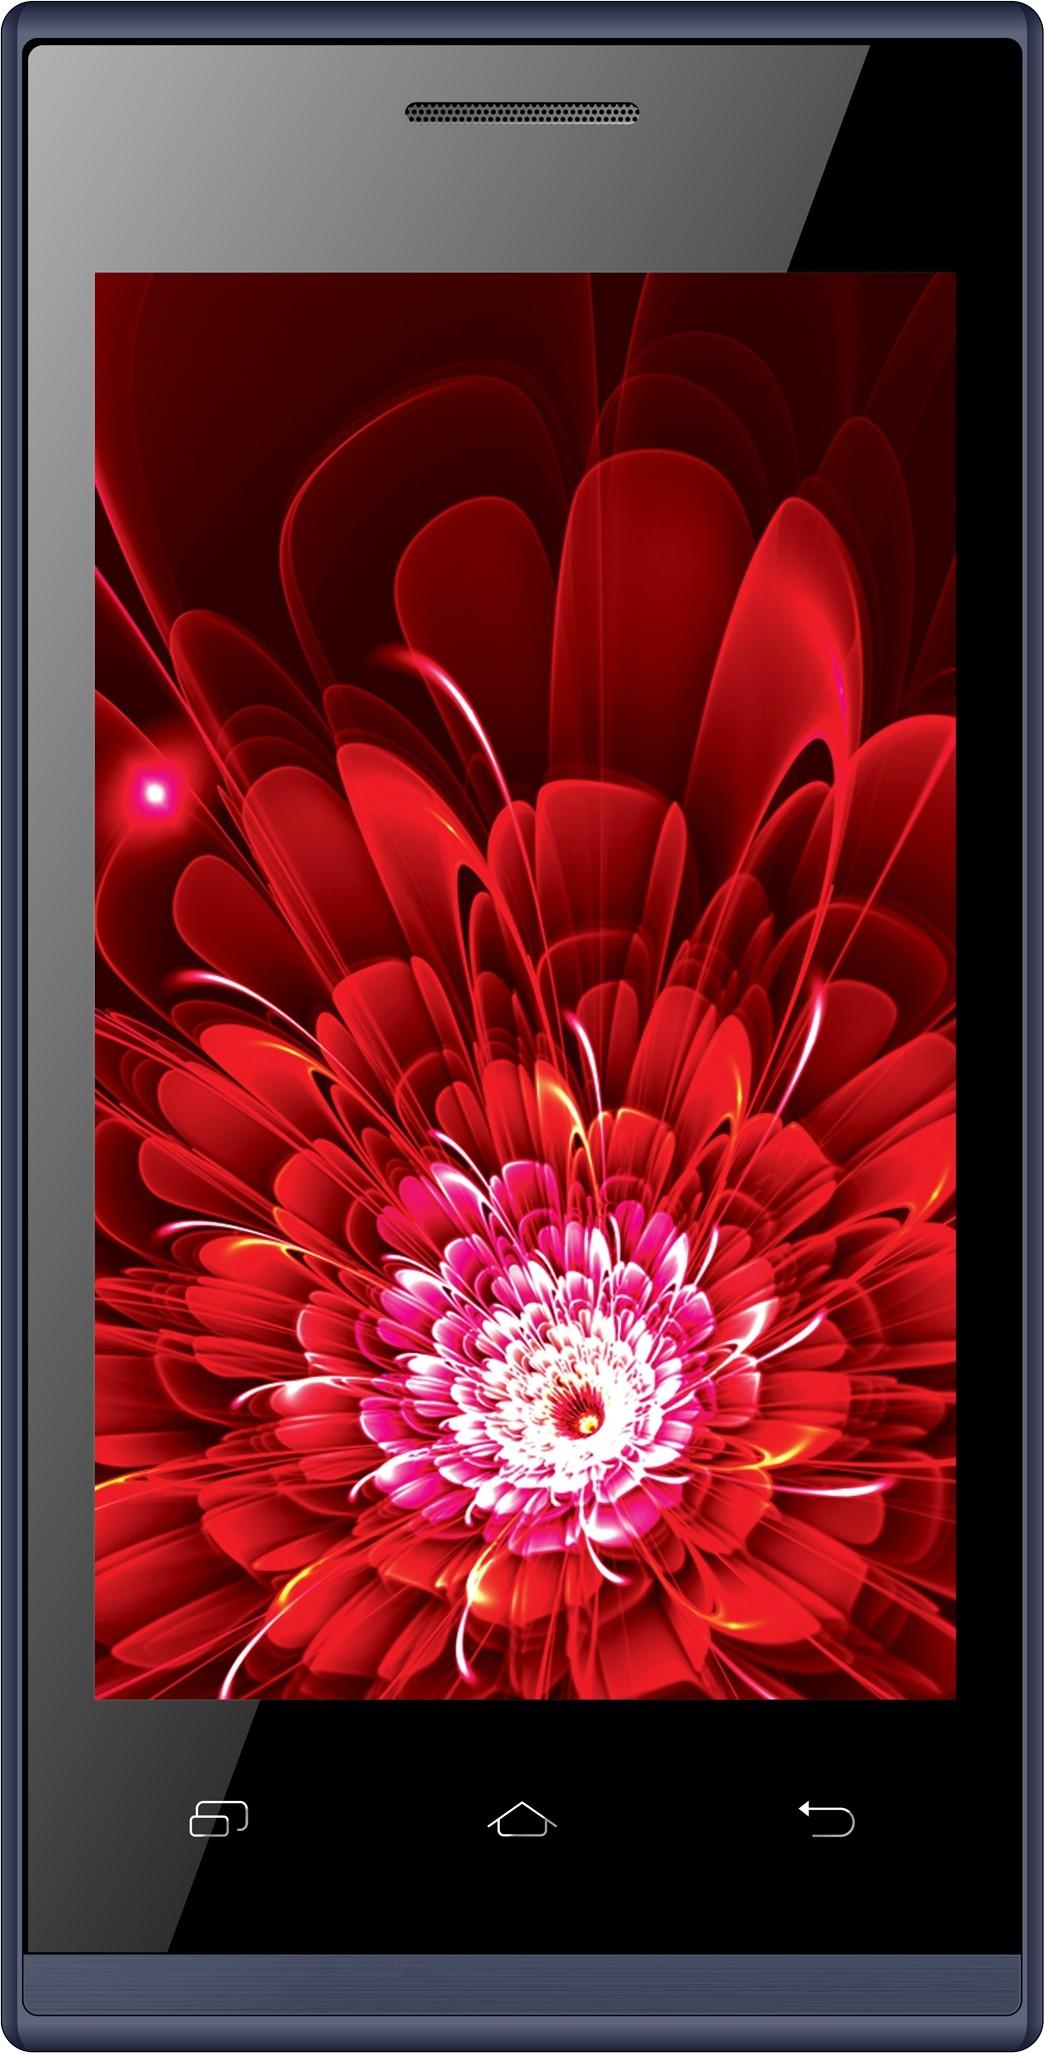 Intex Aqua Viturbo (Blue, 4 GB)(512 MB RAM)